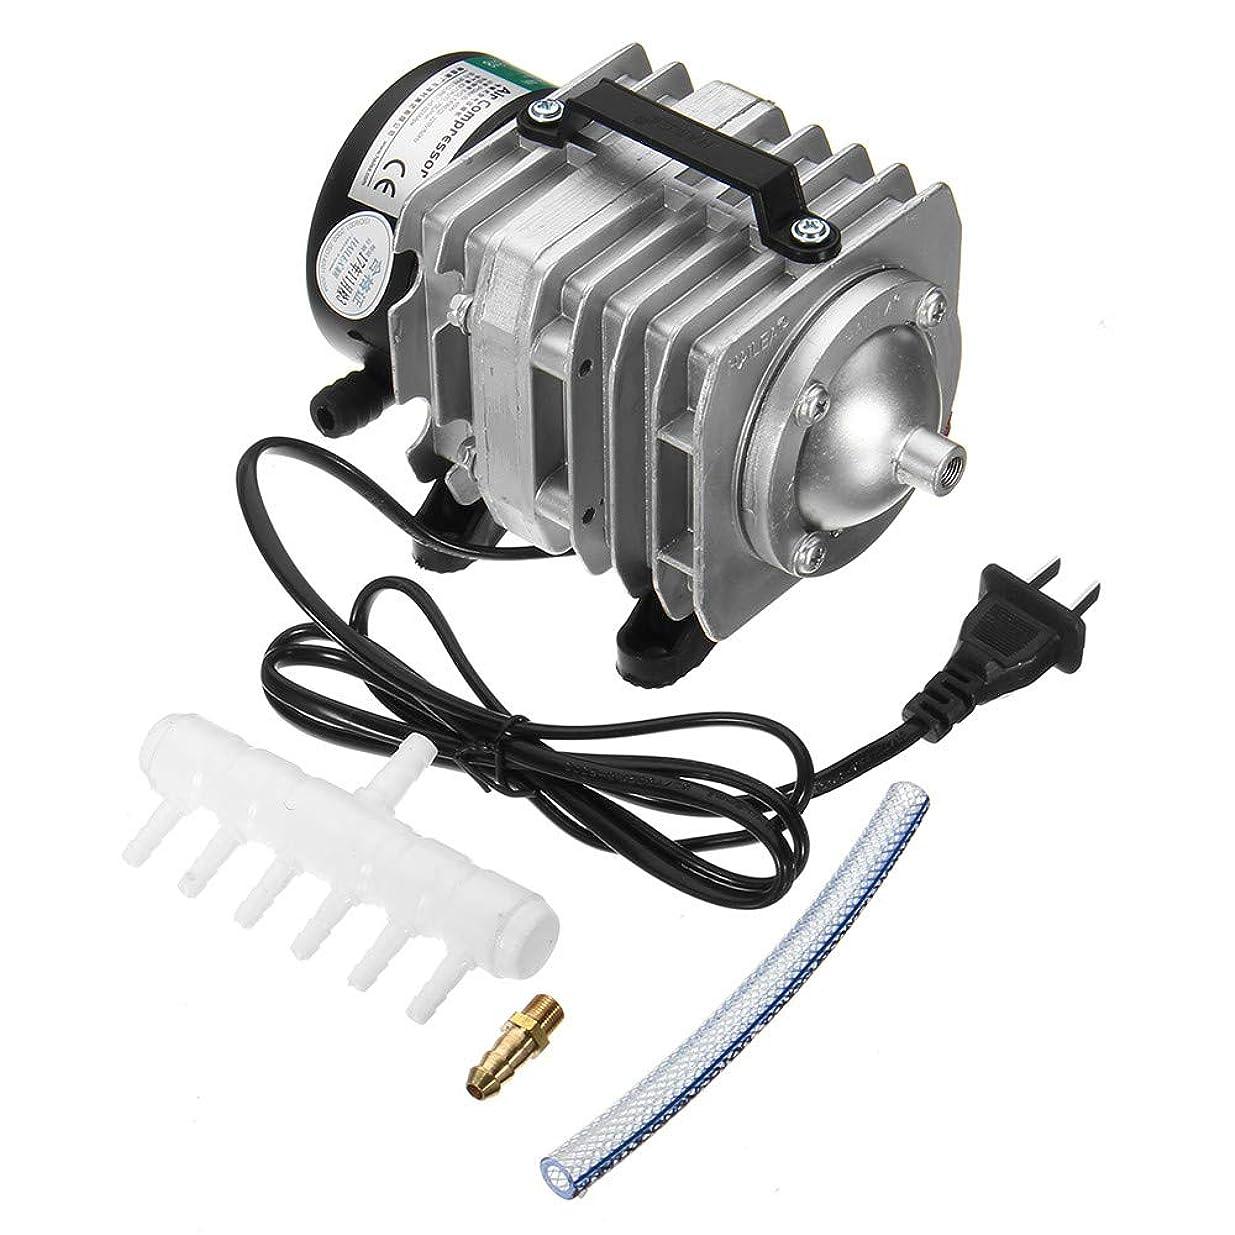 編集者エコーぴったり45W 220V 70L /最低の電磁空気圧縮機ポンプのアクアリウムの酸素の池の圧縮機の水耕の空気通風器ポンプ